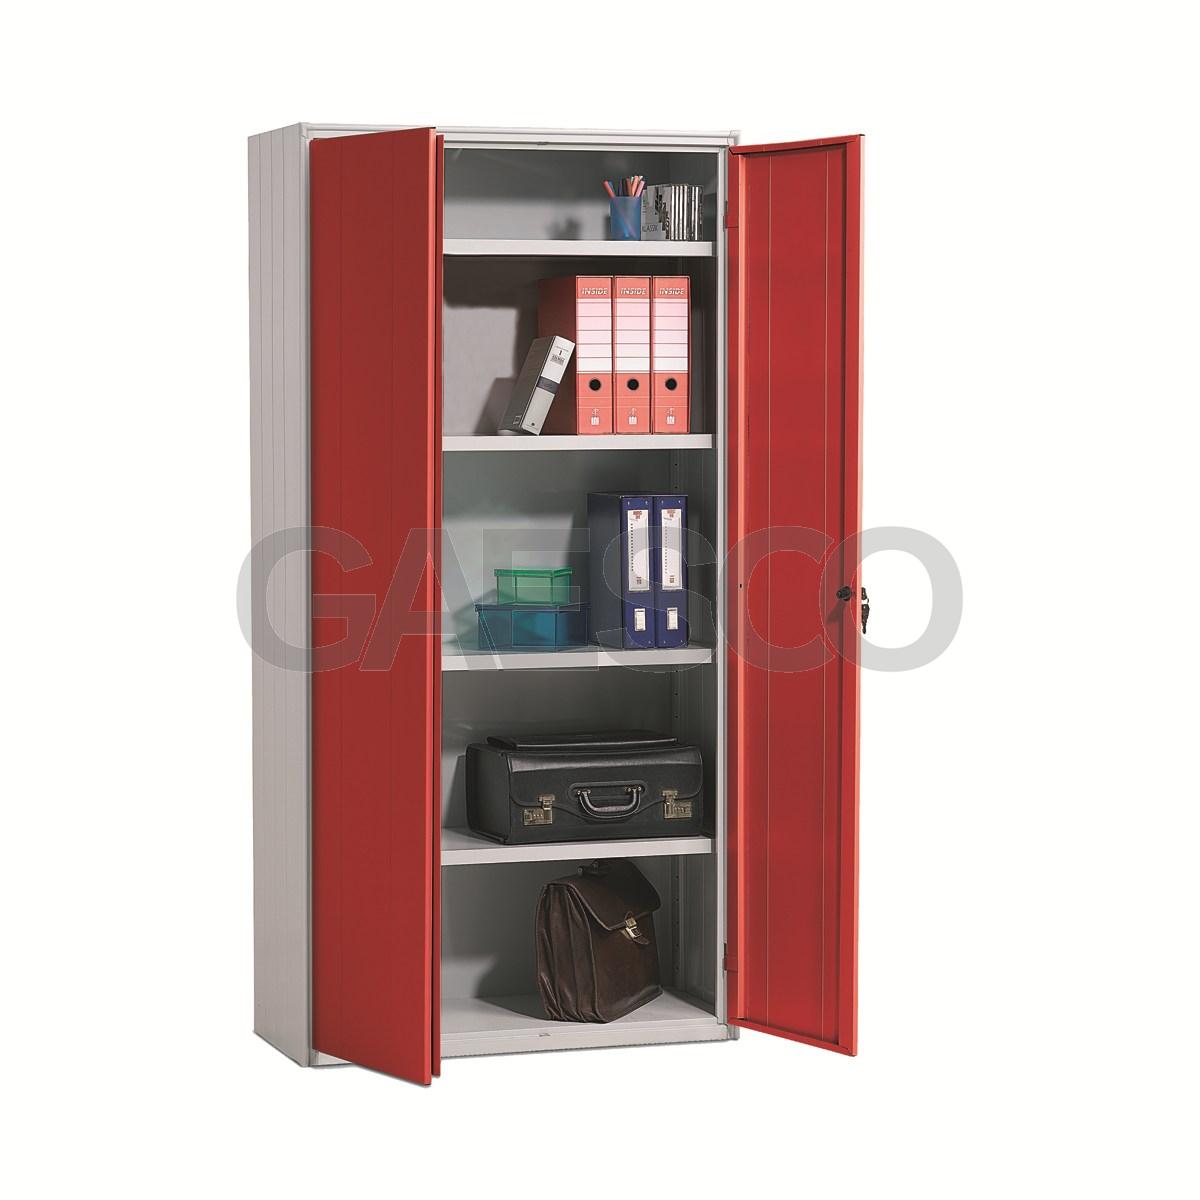 Armadio Metallico Per Ufficio.Armadio Metallico Ad Ante Battenti Archivio Ufficio Armadi Metallici